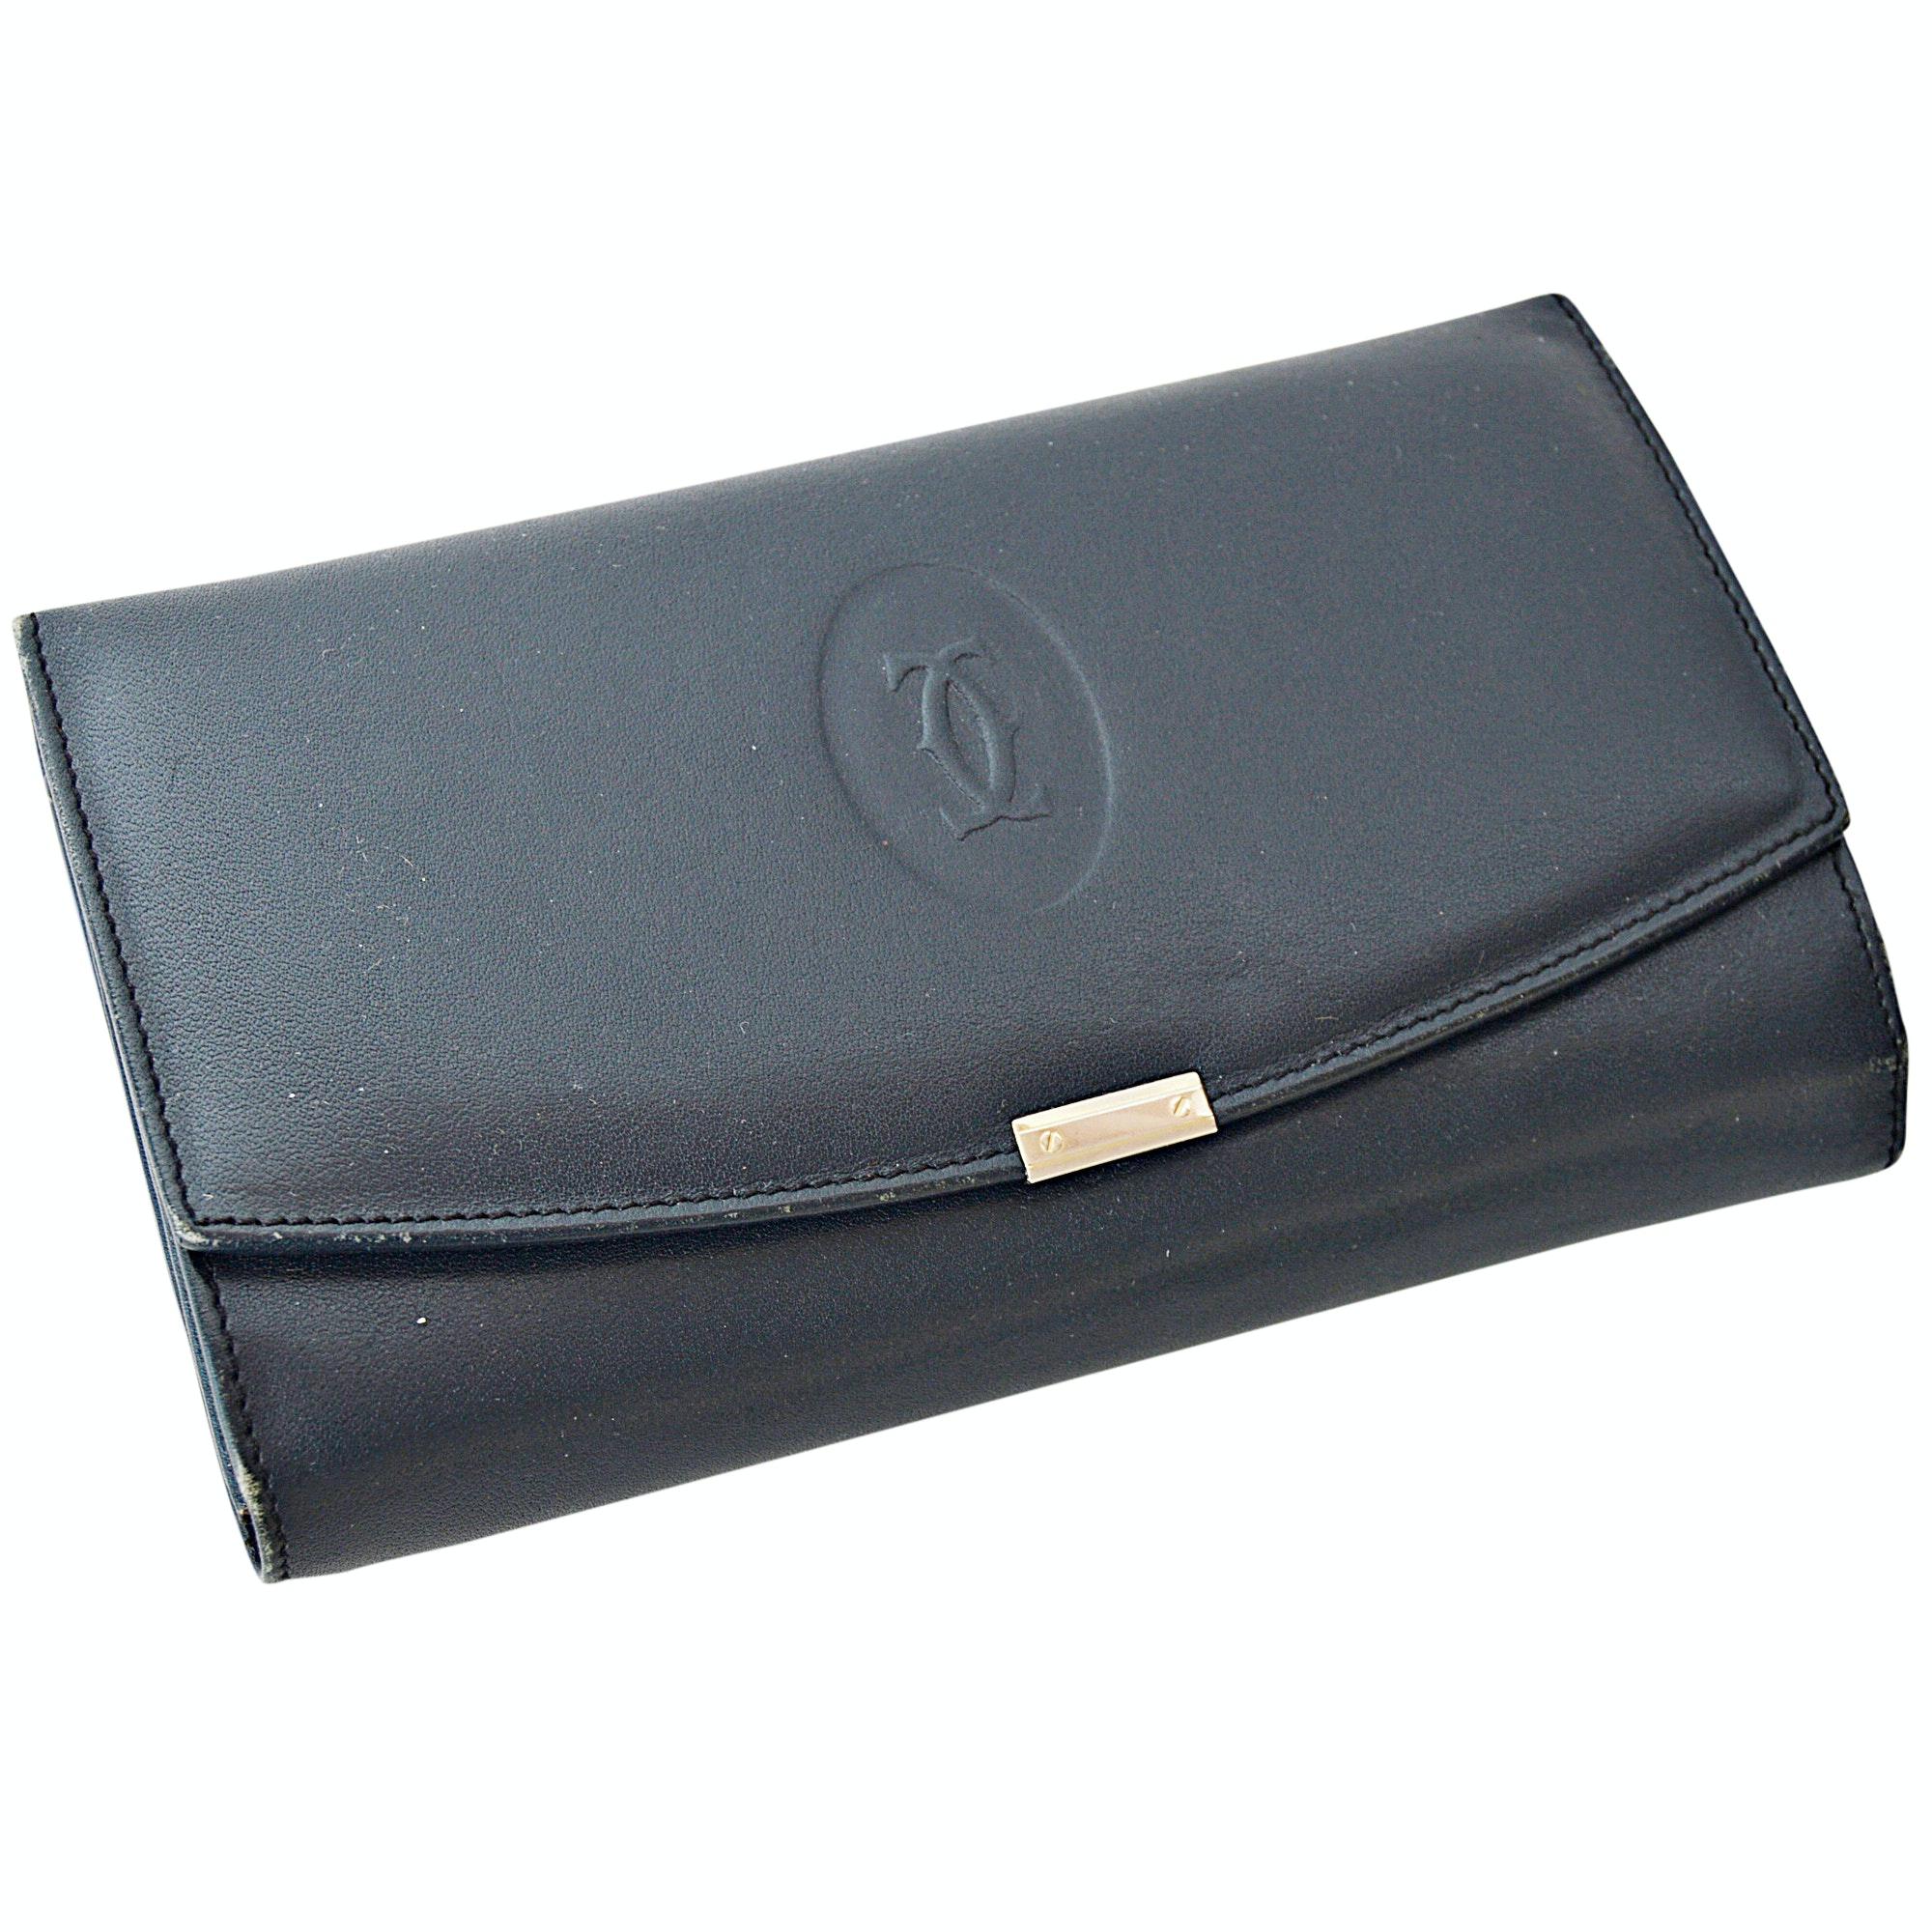 Cartier of Paris Black Leather Wallet